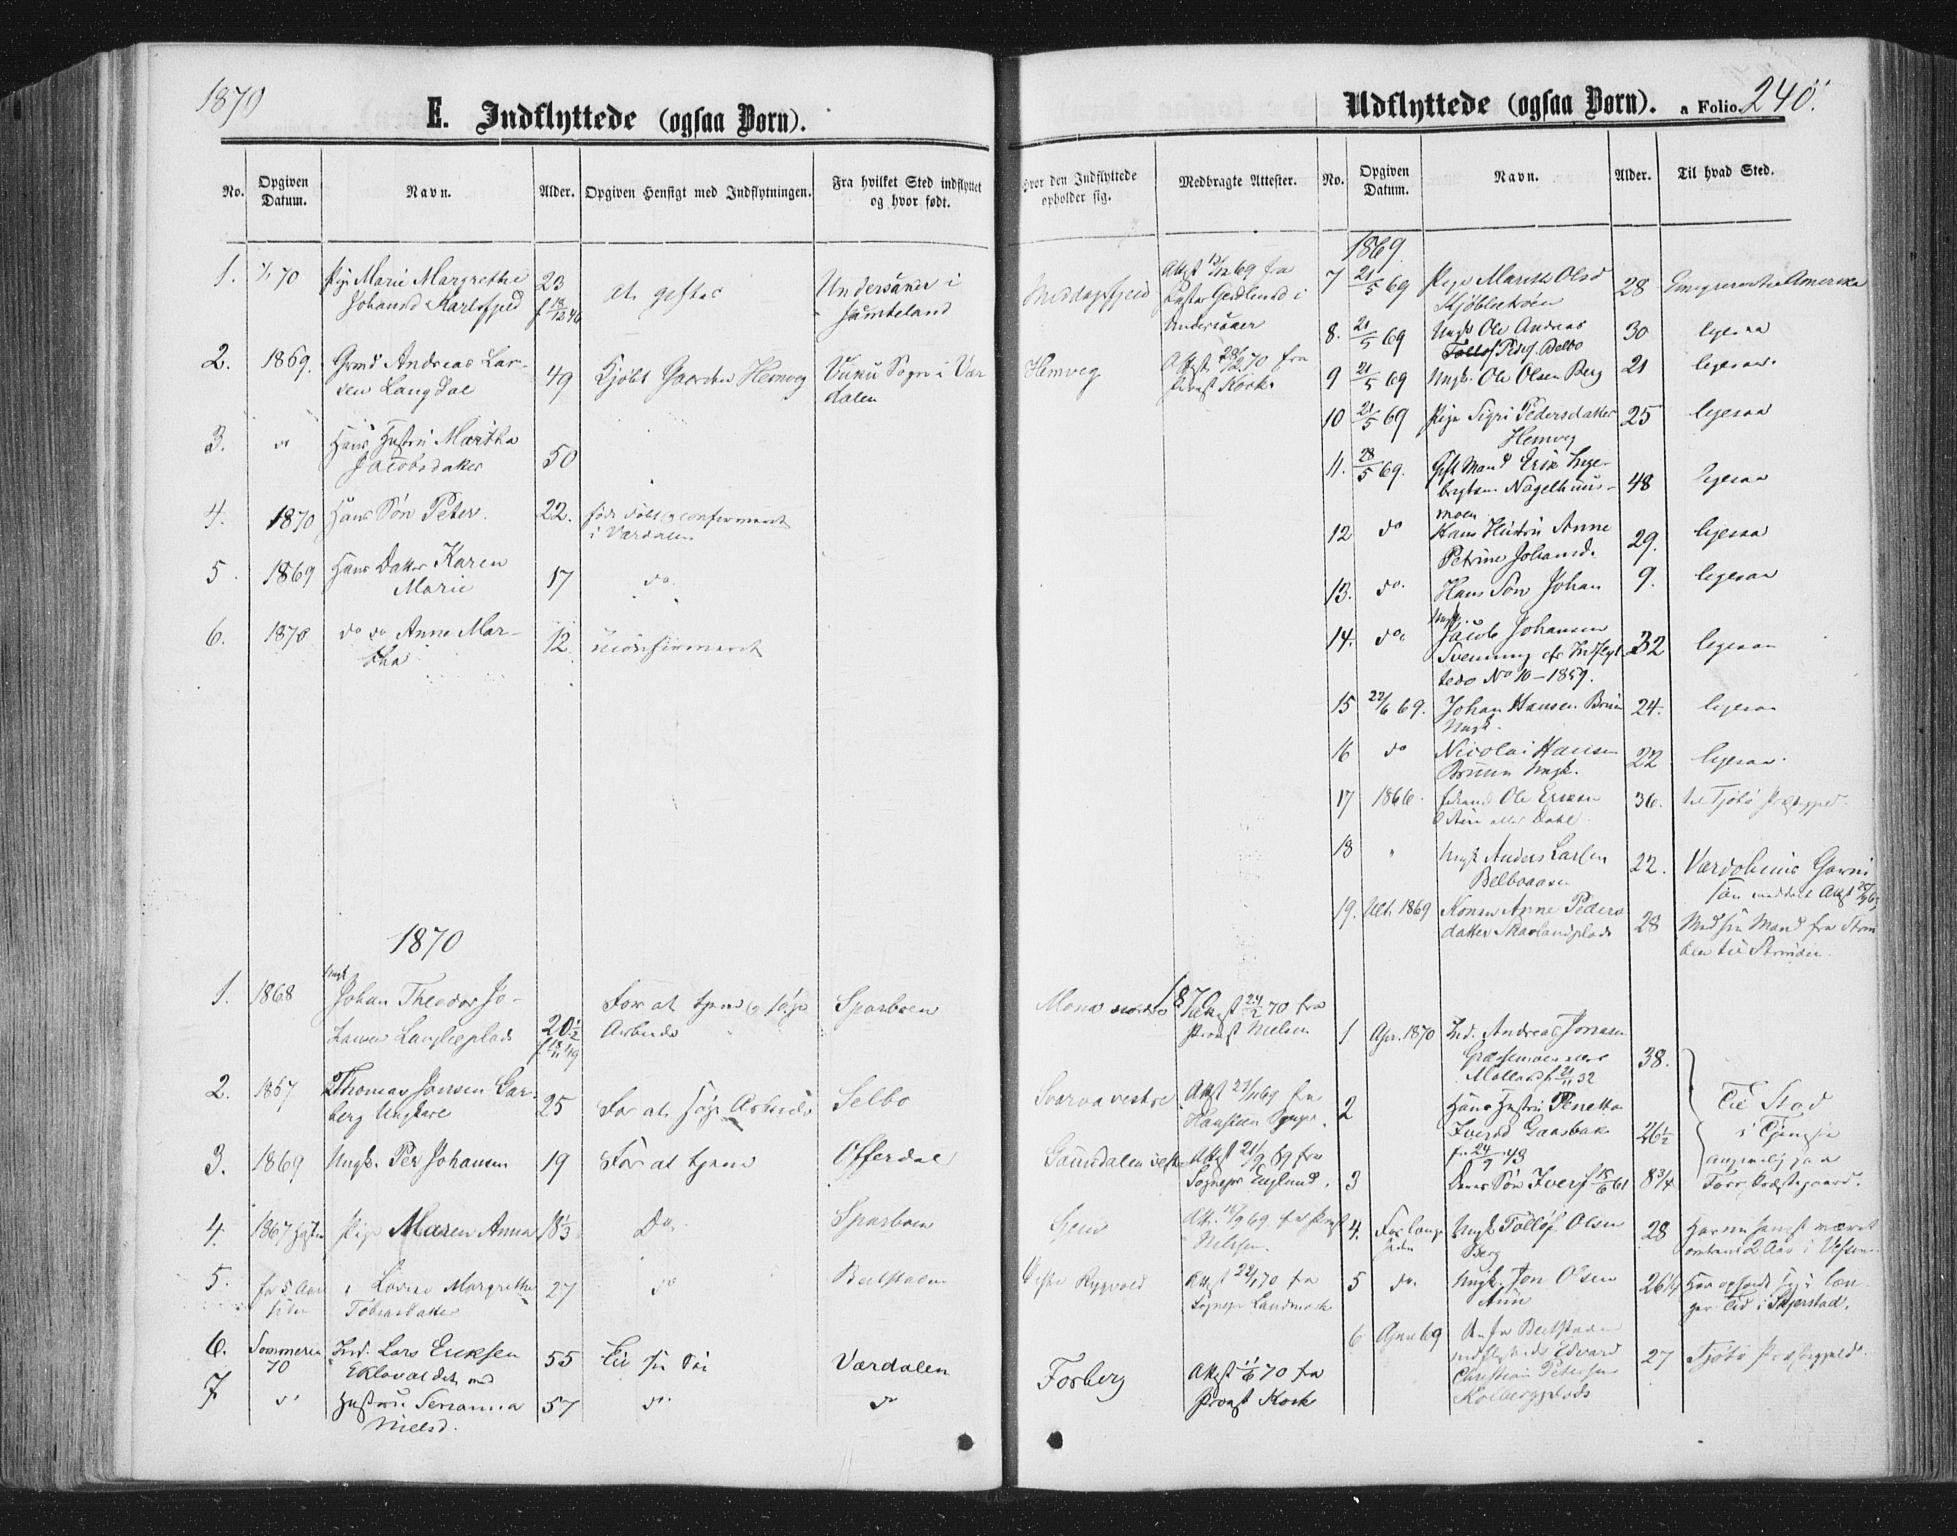 SAT, Ministerialprotokoller, klokkerbøker og fødselsregistre - Nord-Trøndelag, 749/L0472: Ministerialbok nr. 749A06, 1857-1873, s. 240